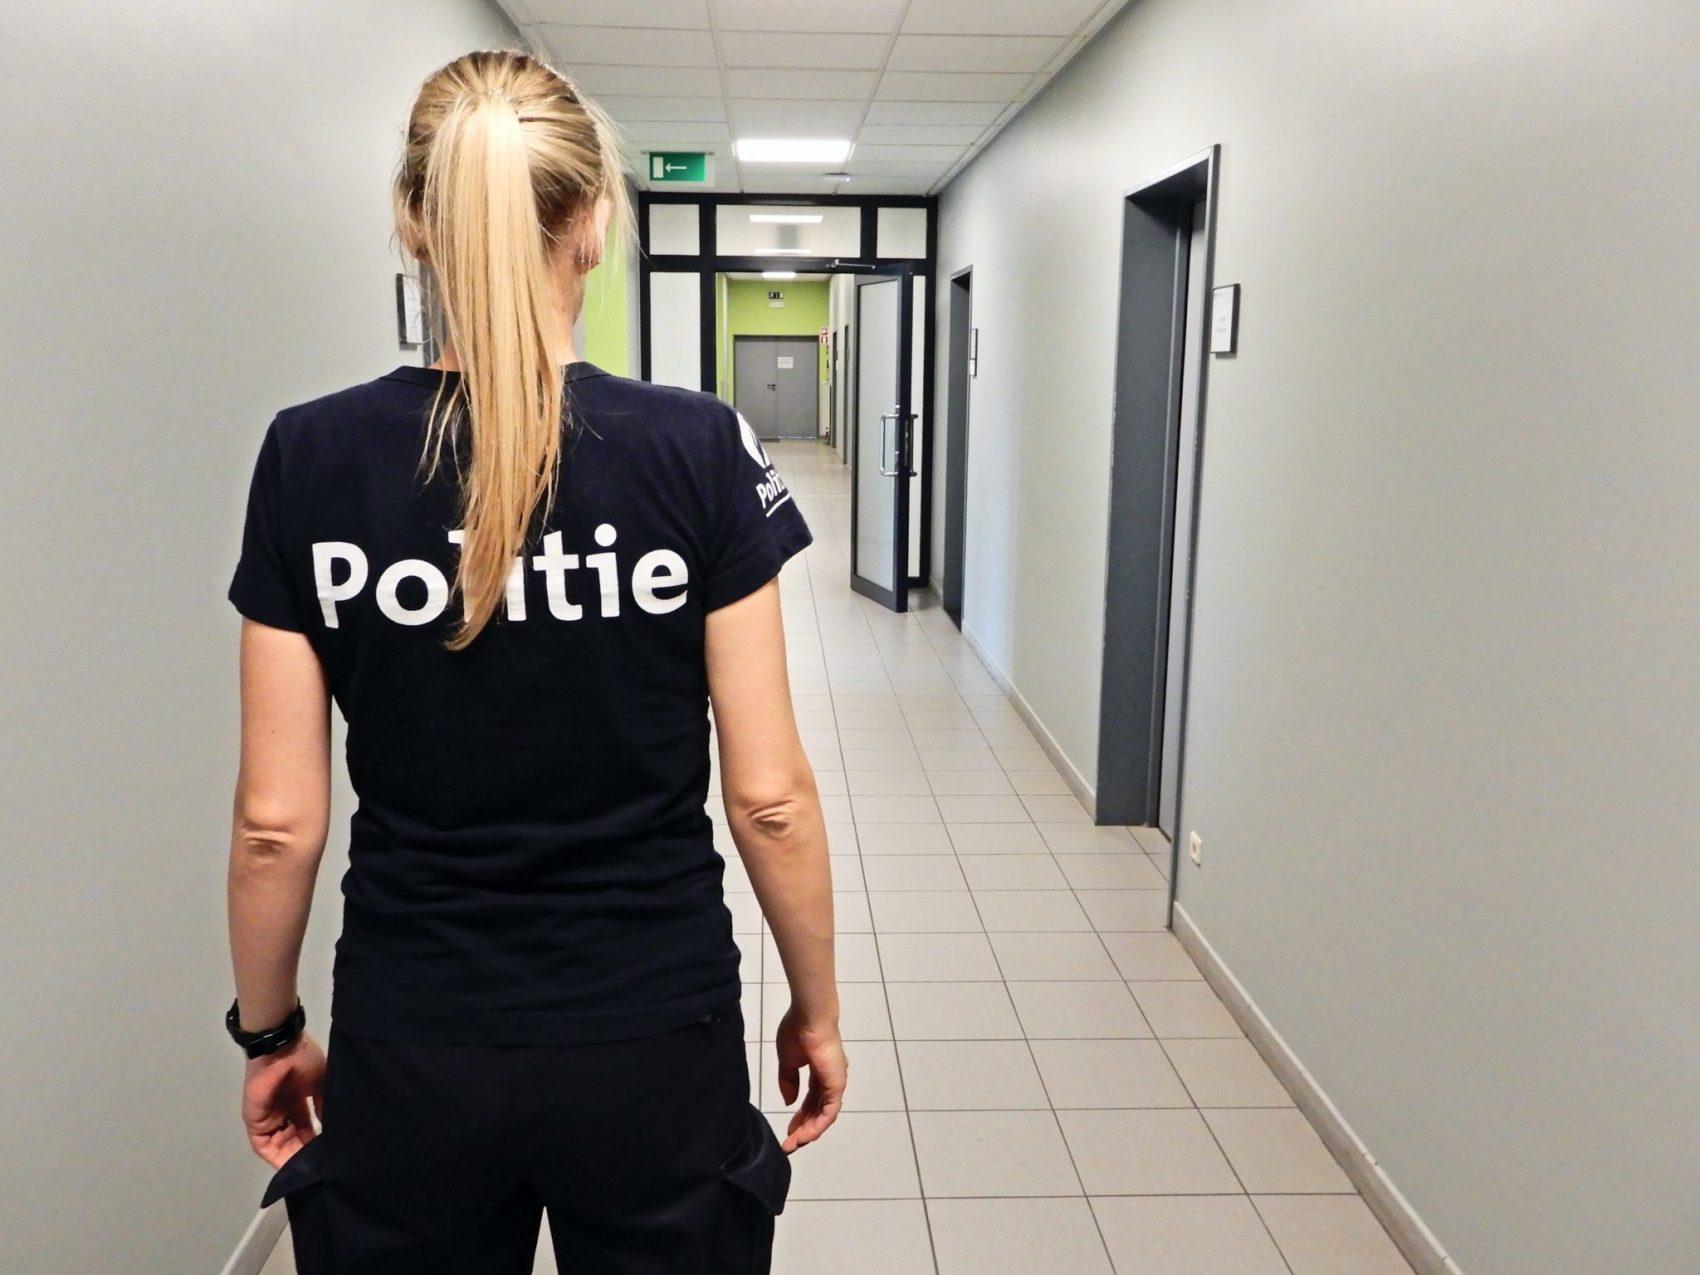 Stefanie is politieagent